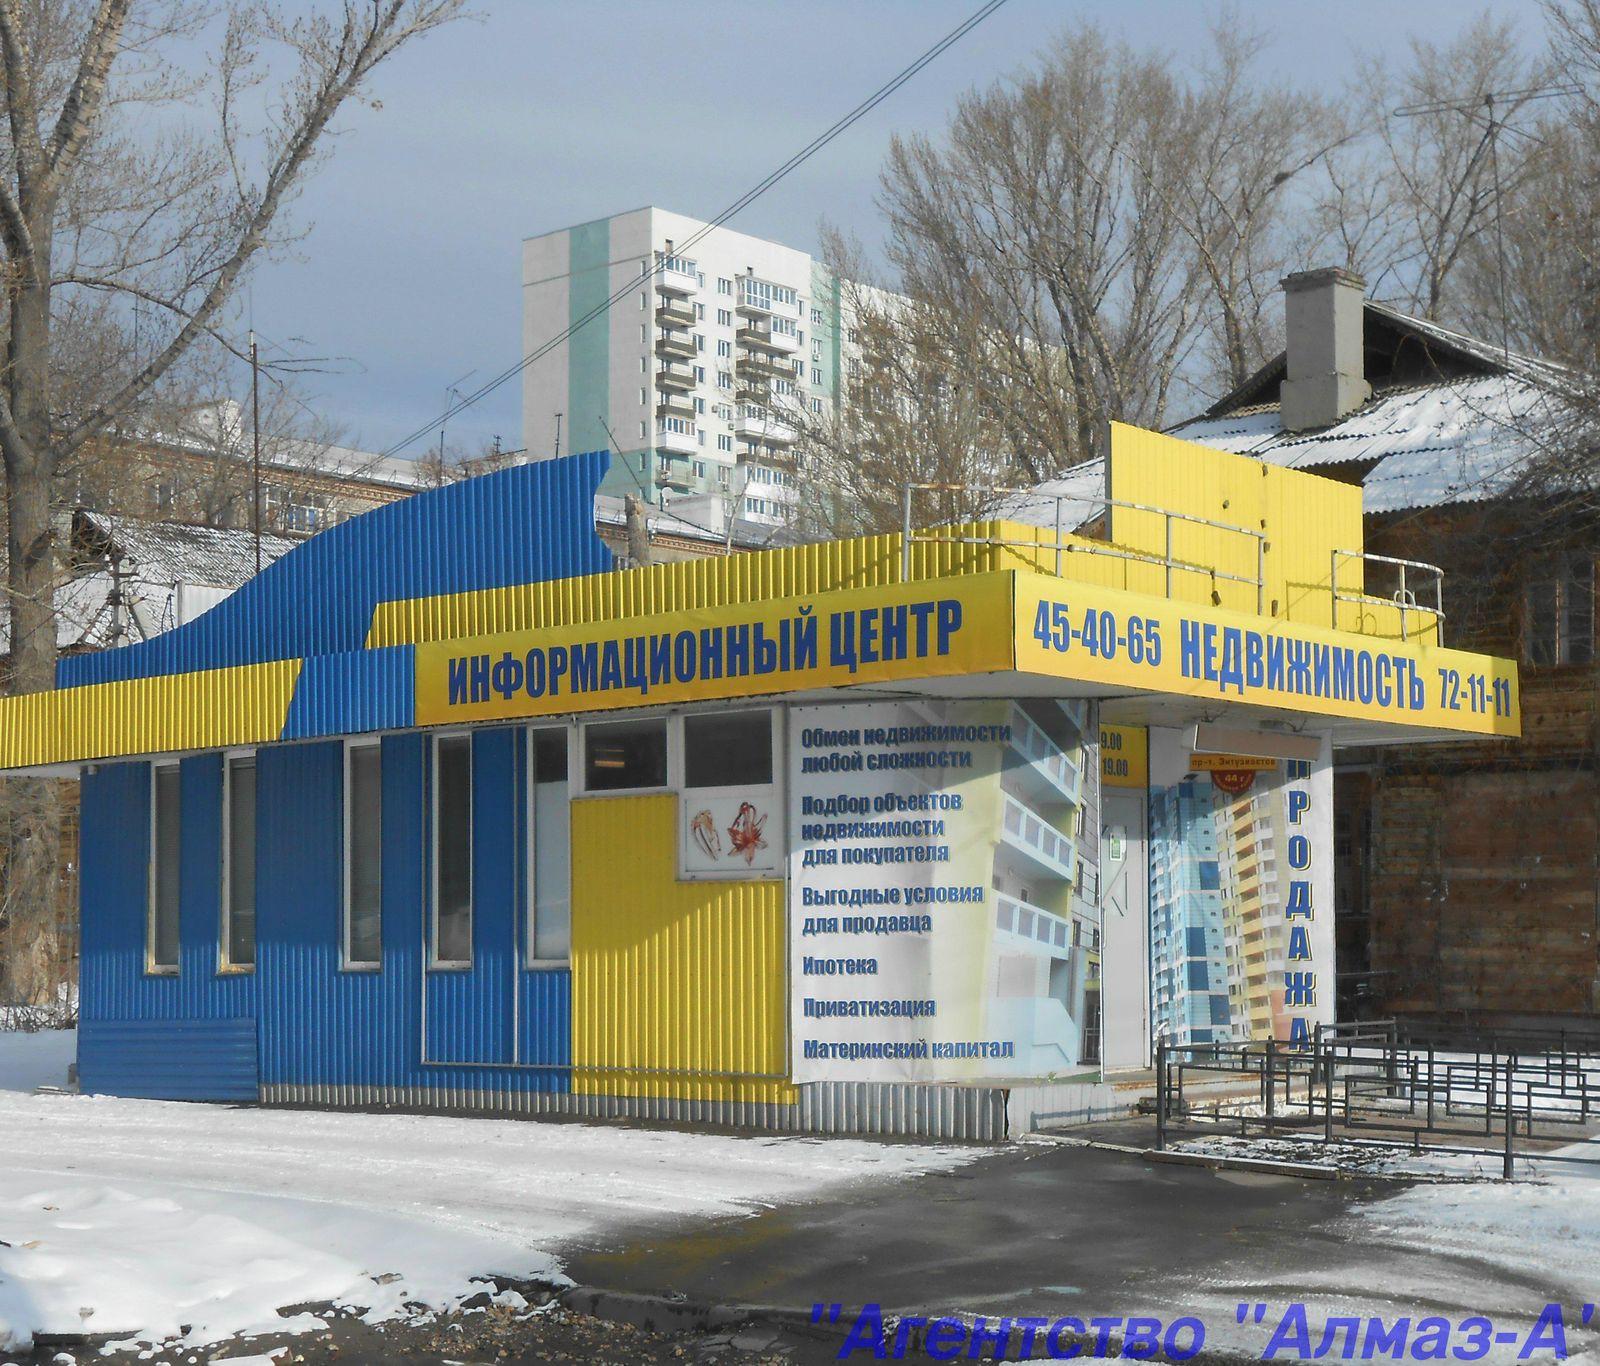 Заводской район, Информационный центр Агентства «Алмаз-А», адрес офиса: проспект Энтузиастов, 44 г